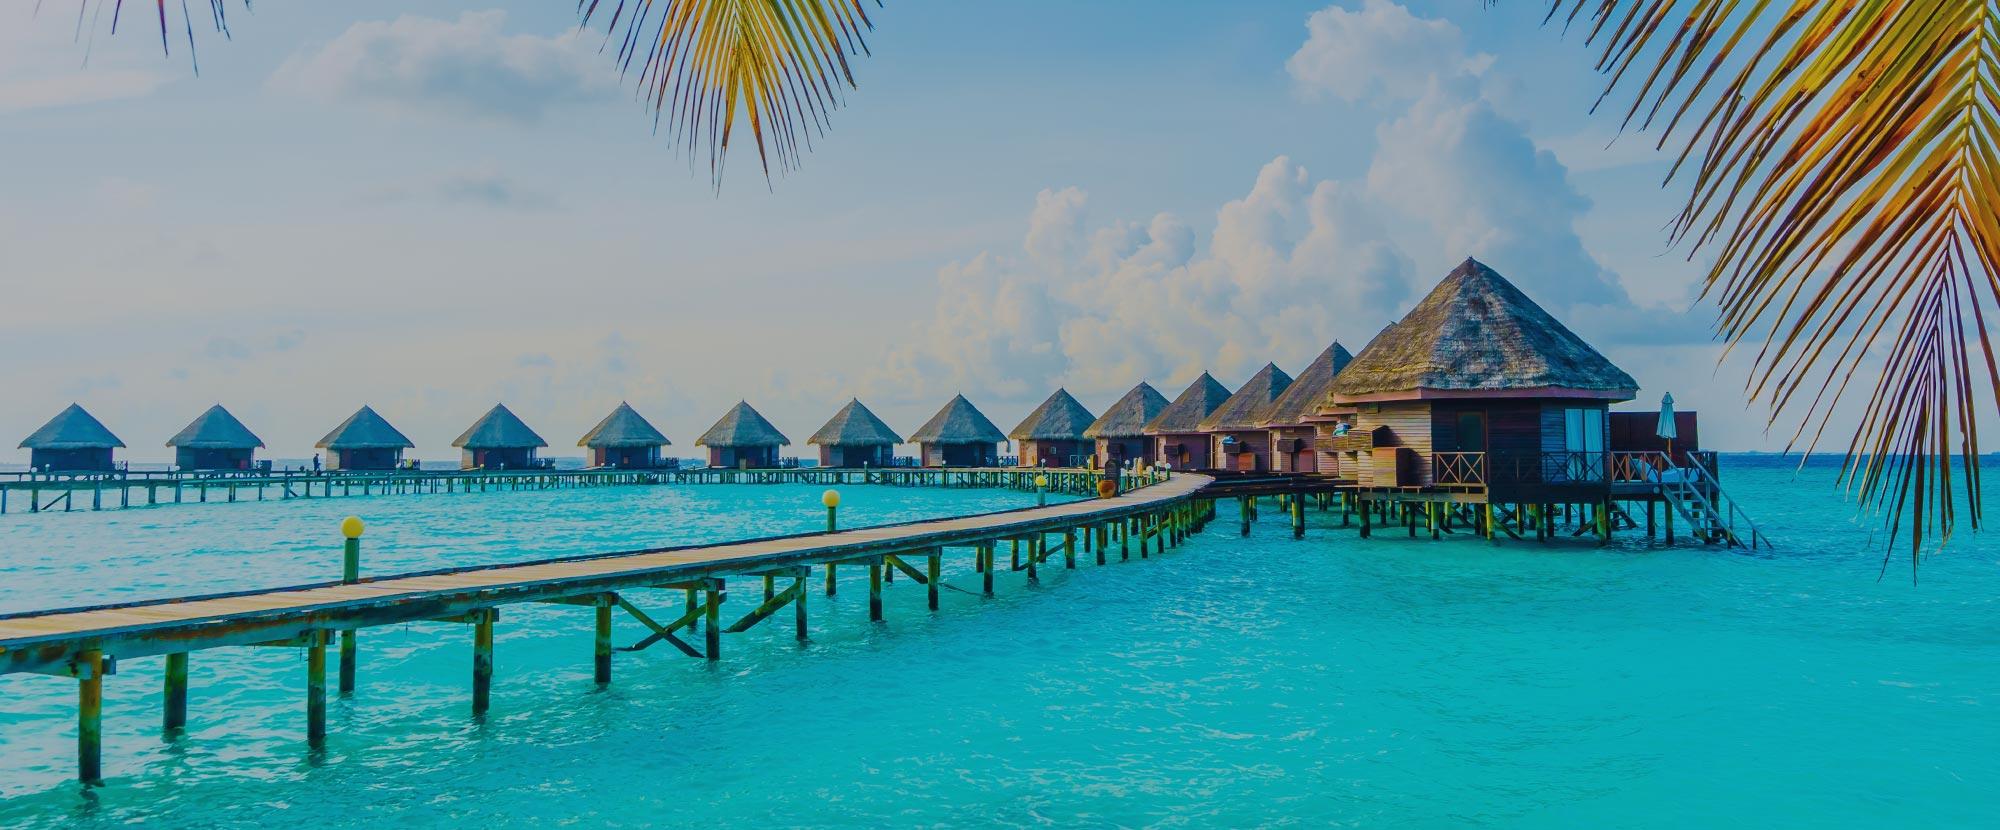 Viajes a Maldivas y Sri Lanka